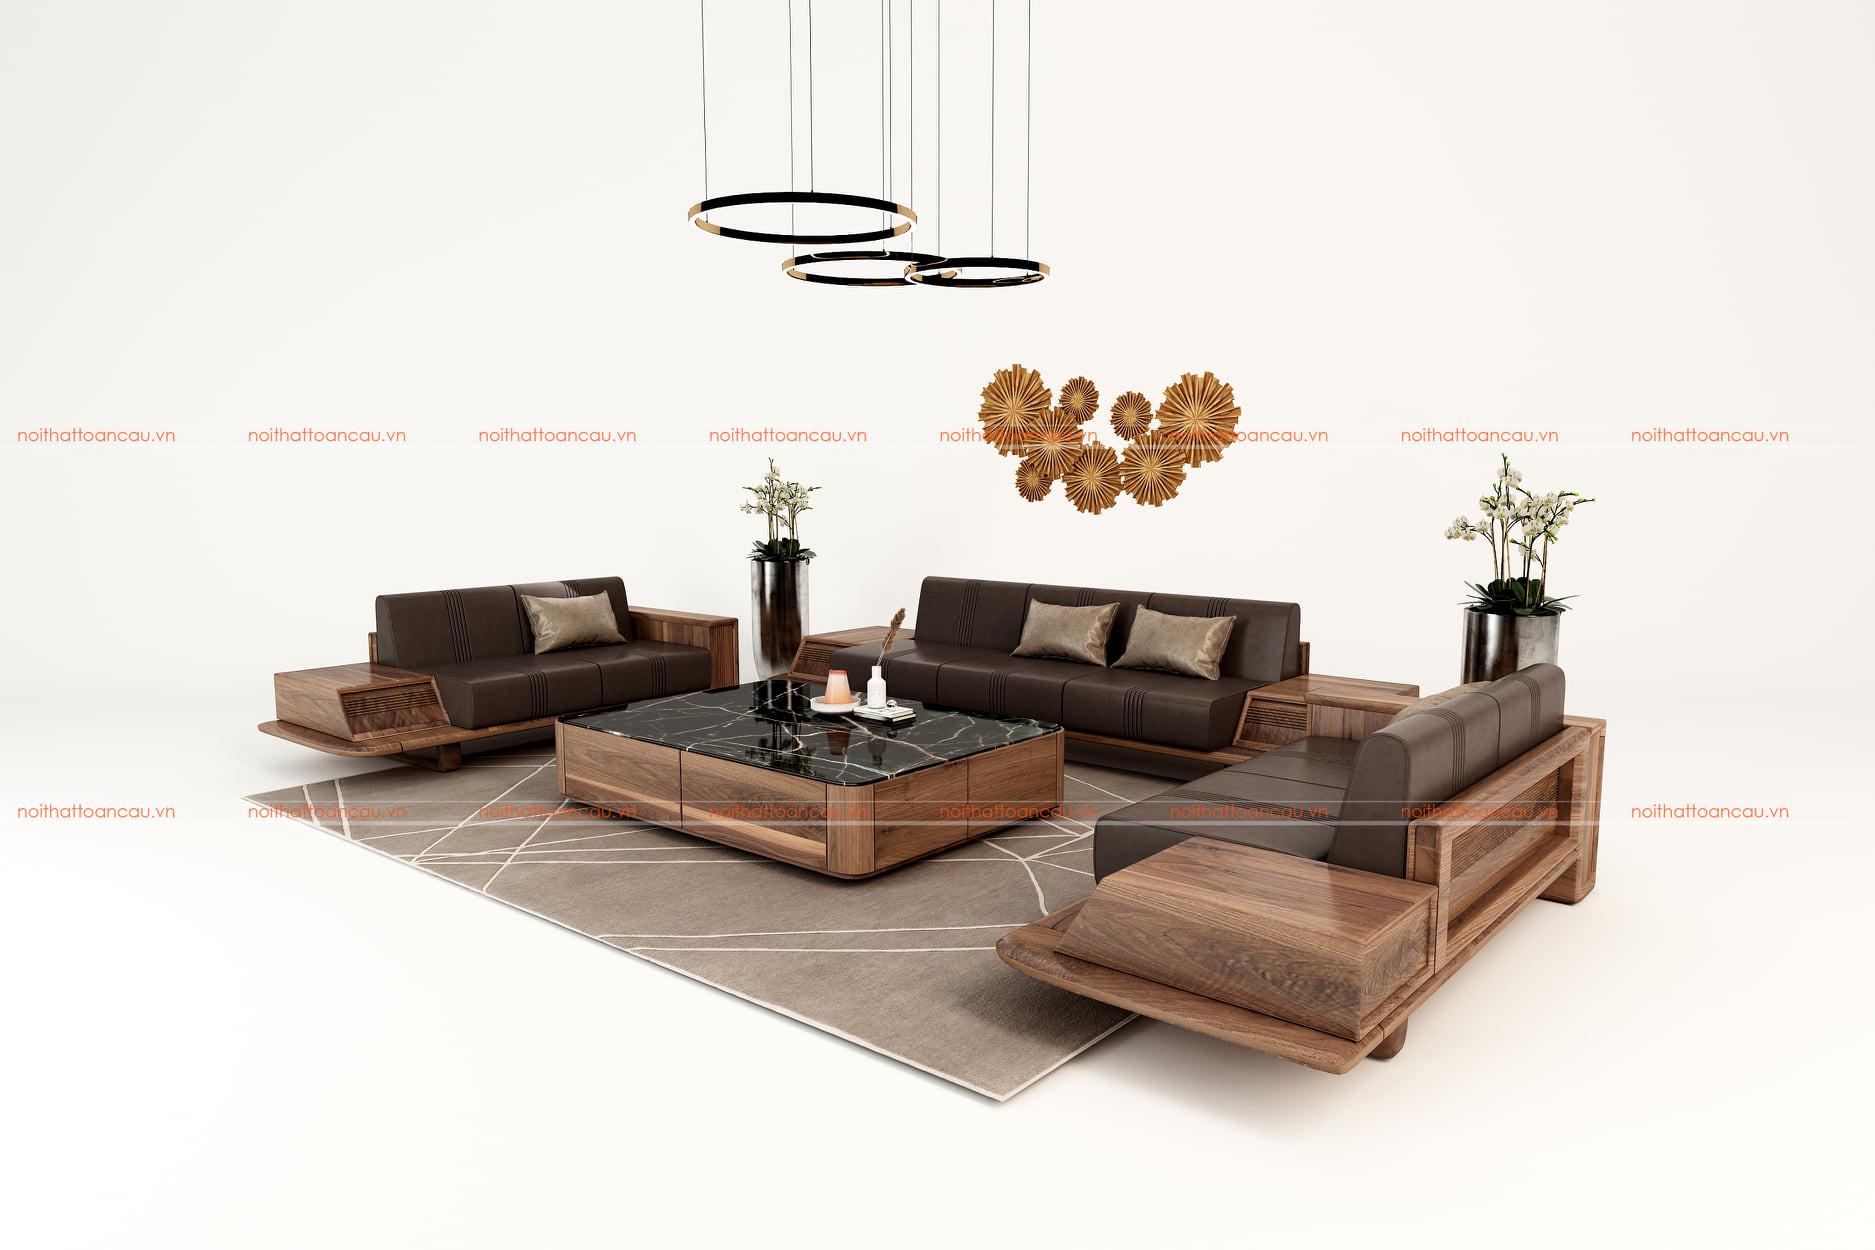 Sofa gỗ óc chó cho phòng khách hiện đại - TC140a